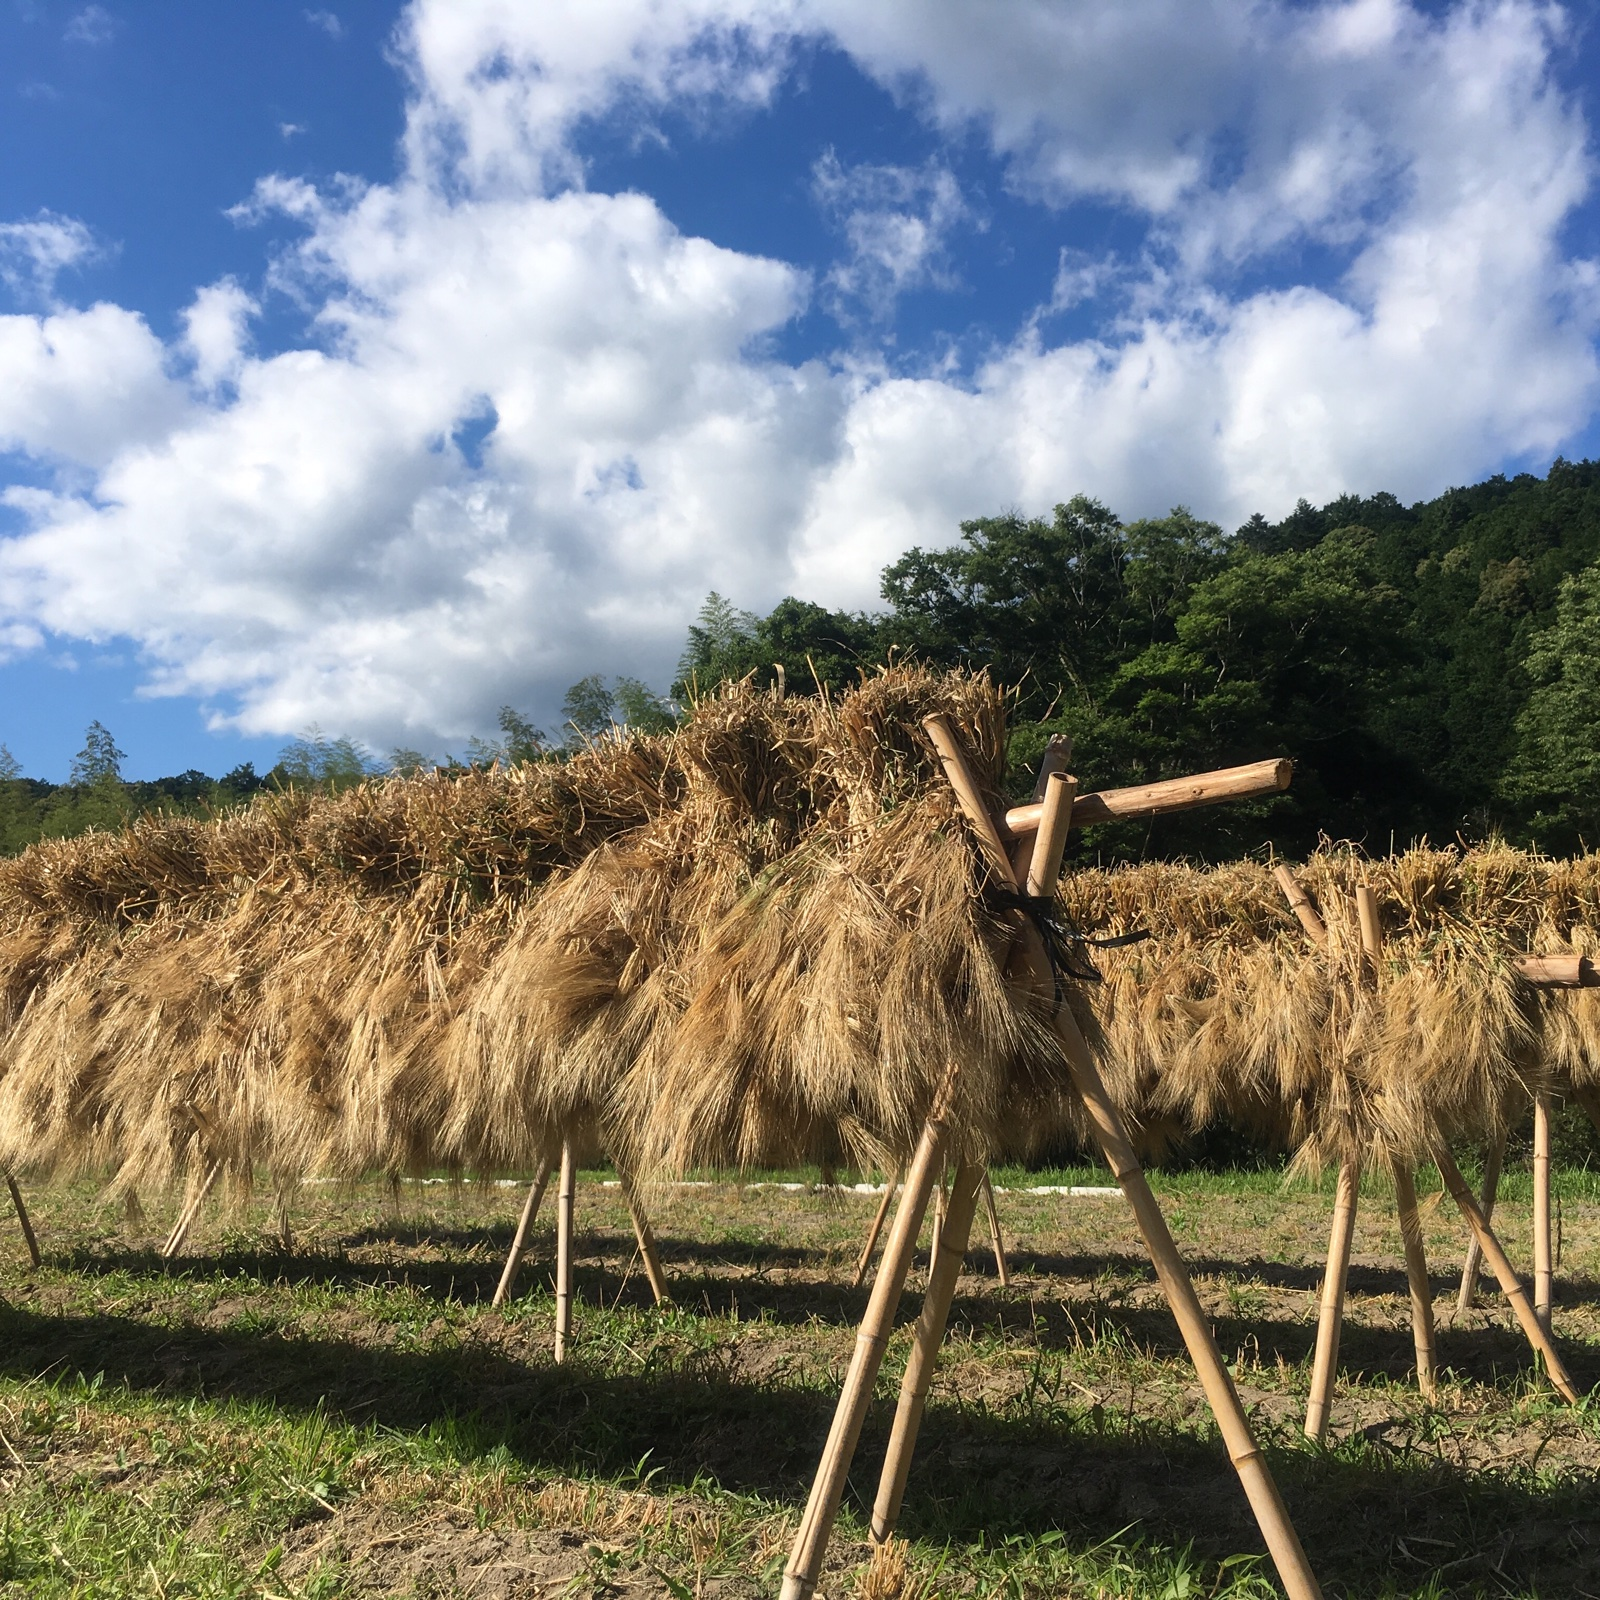 【三重県 熊野産】自然栽培 六条麦茶(300g×2個) 300g ×2 お茶/その他のお茶通販